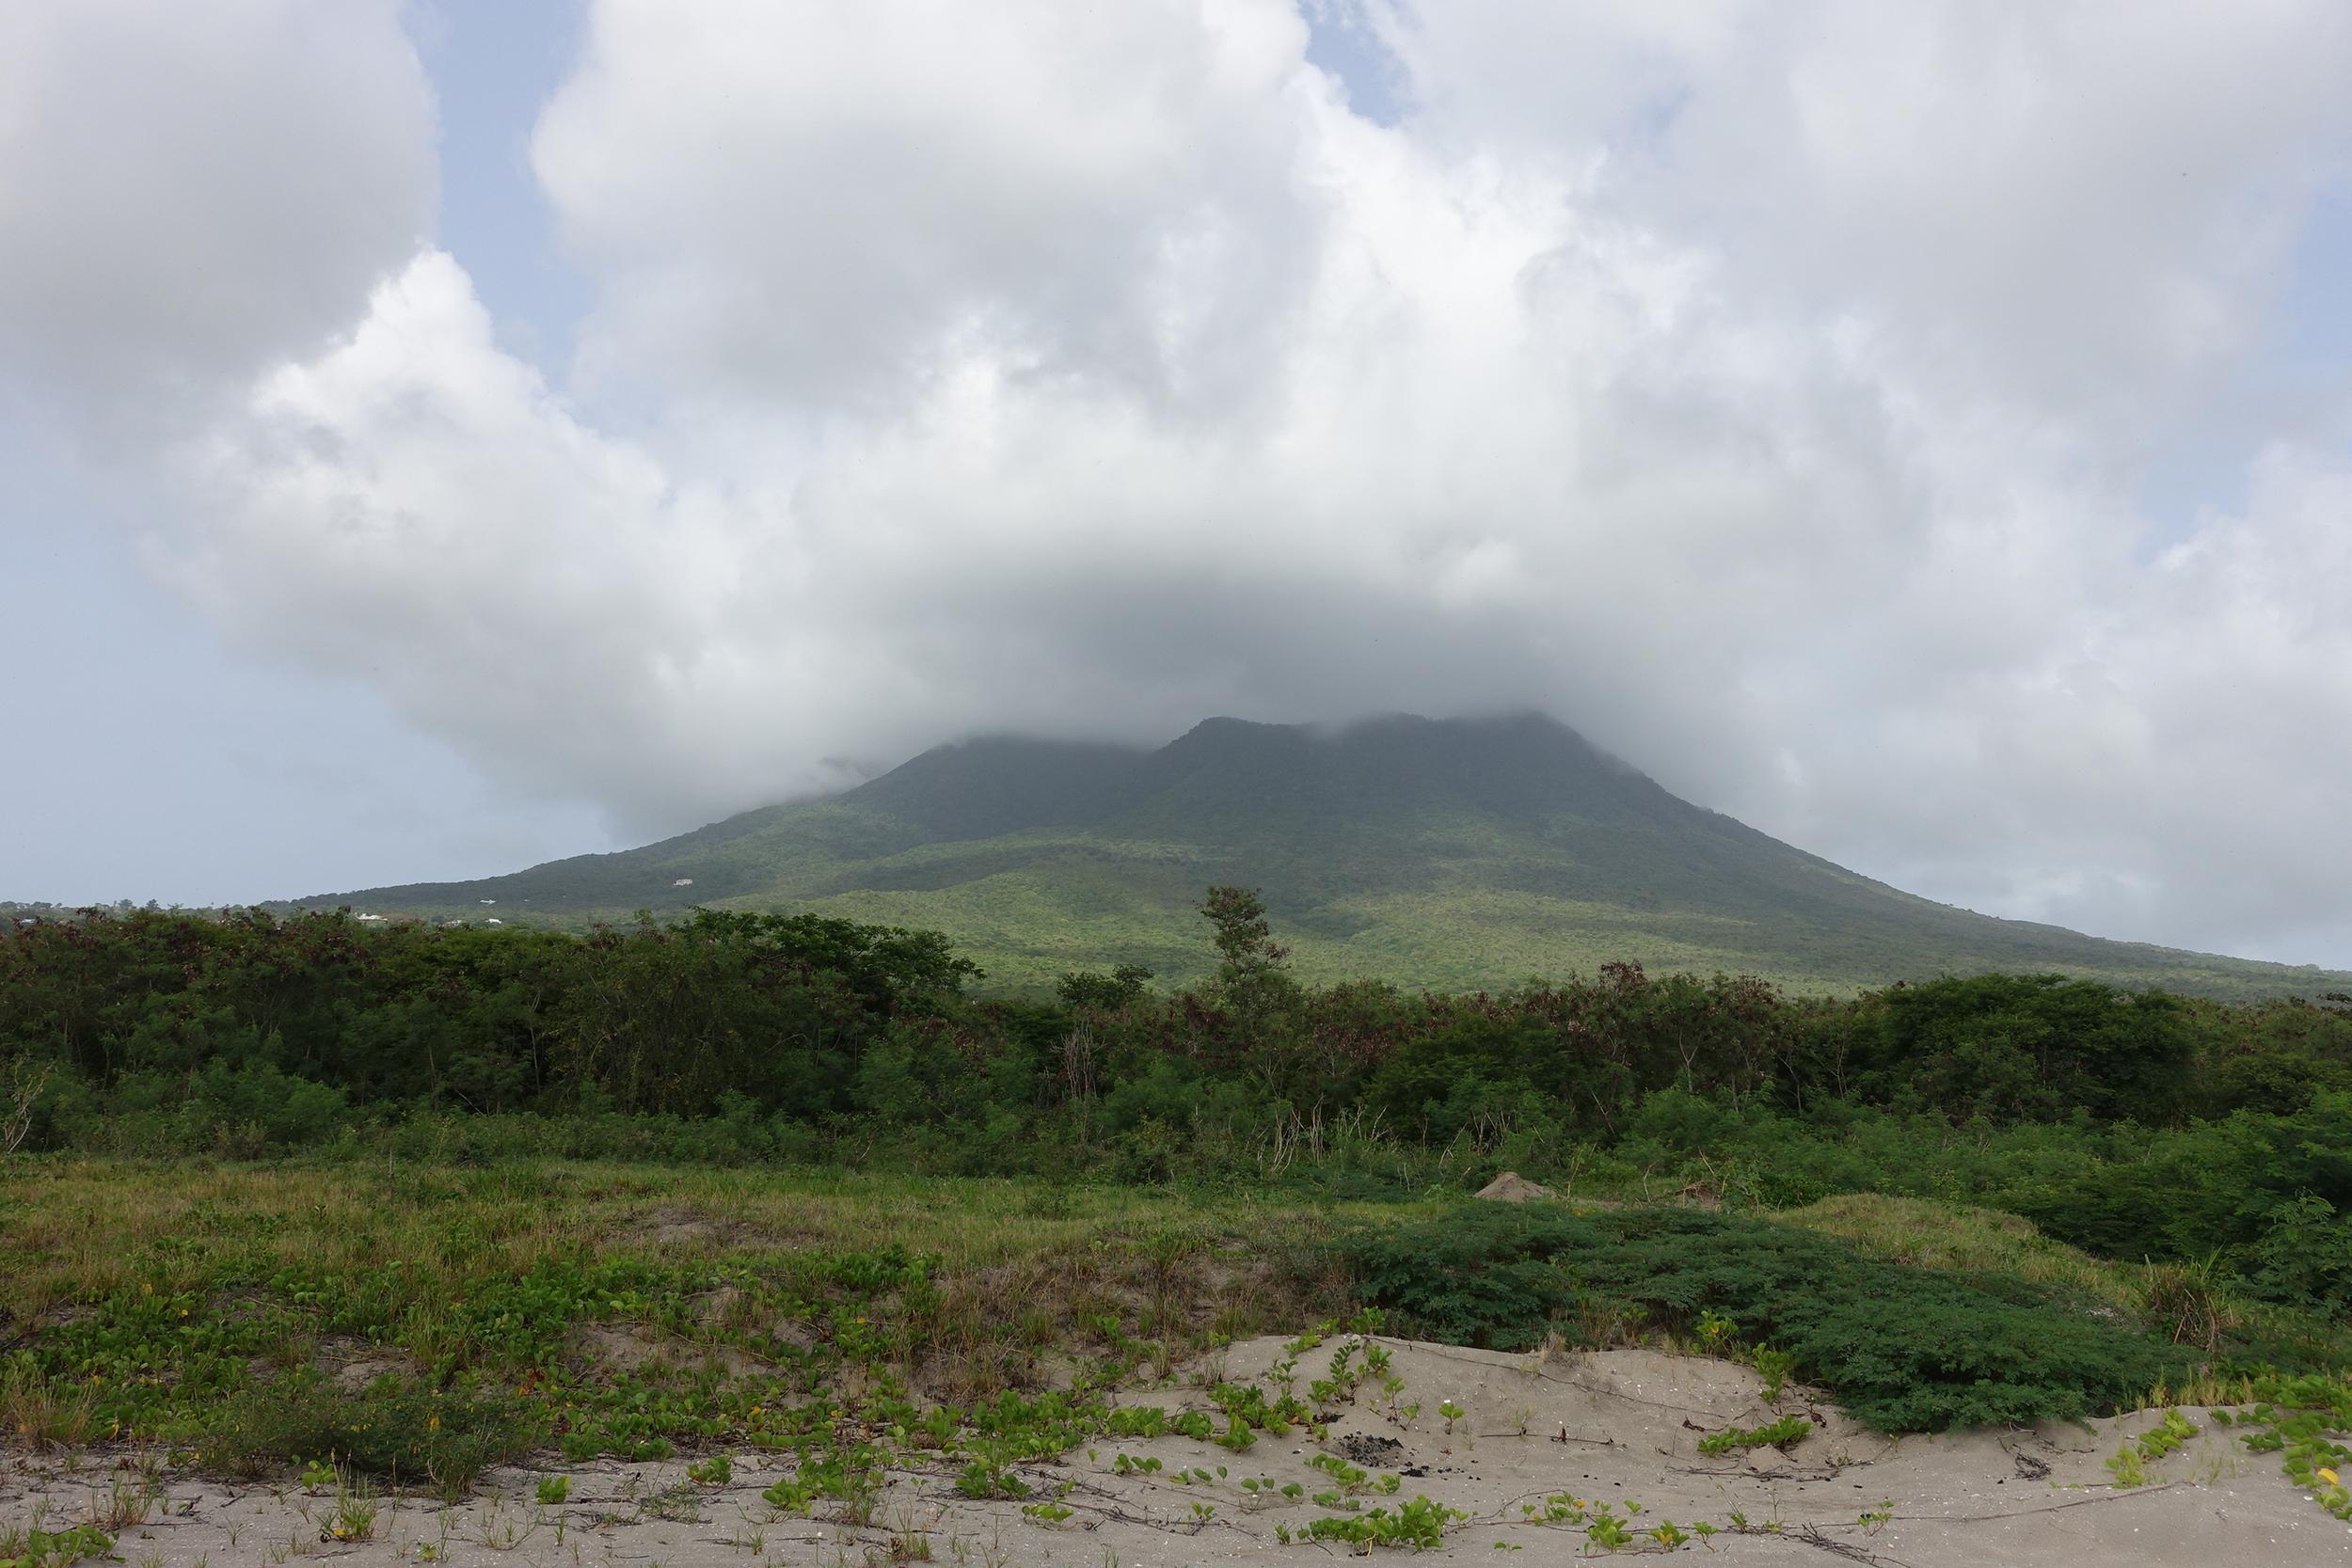 nevis peak which we didn't climb